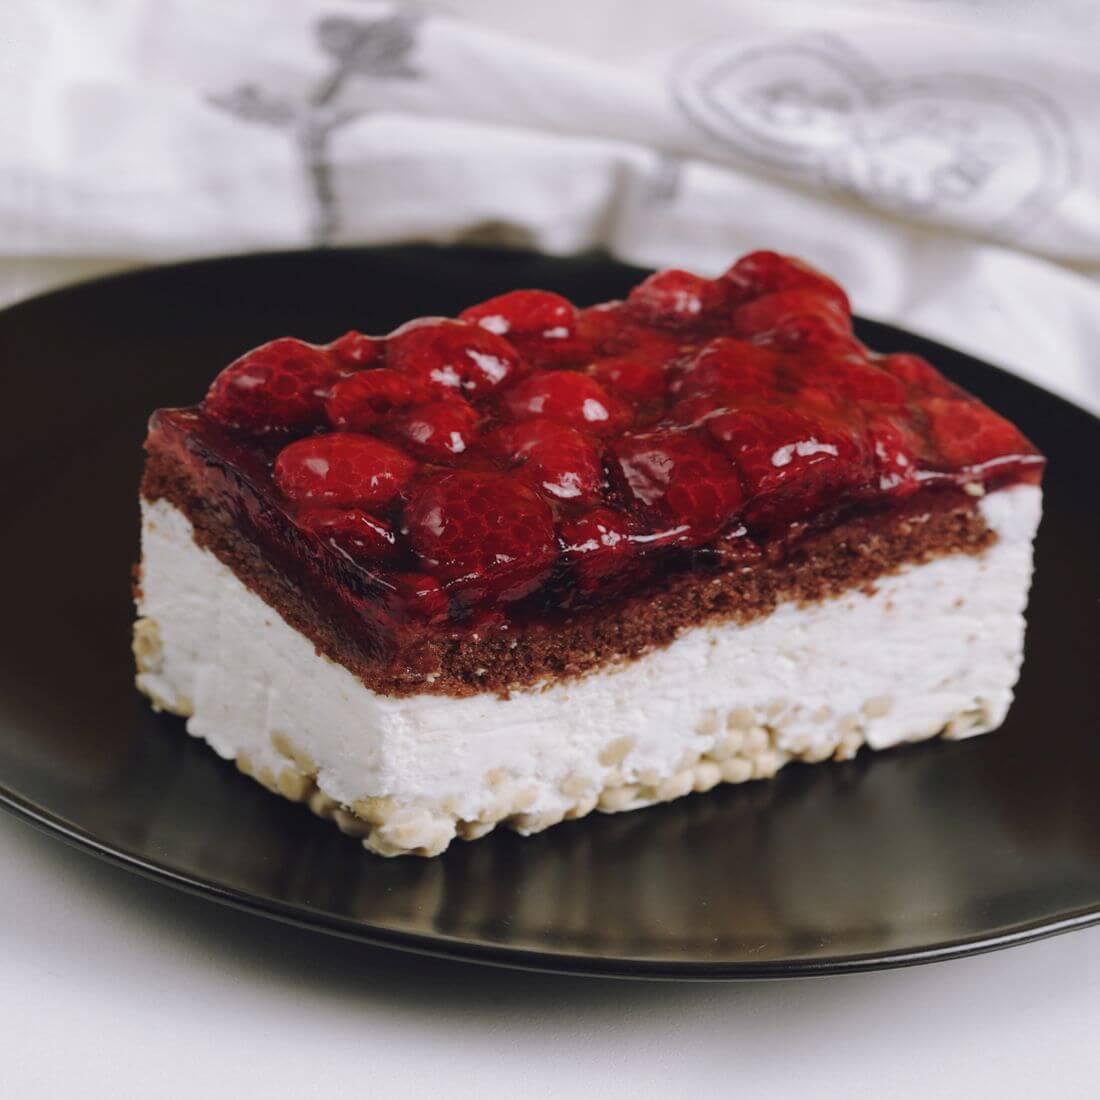 Пирожные клюквенно-малиновые хрустящие